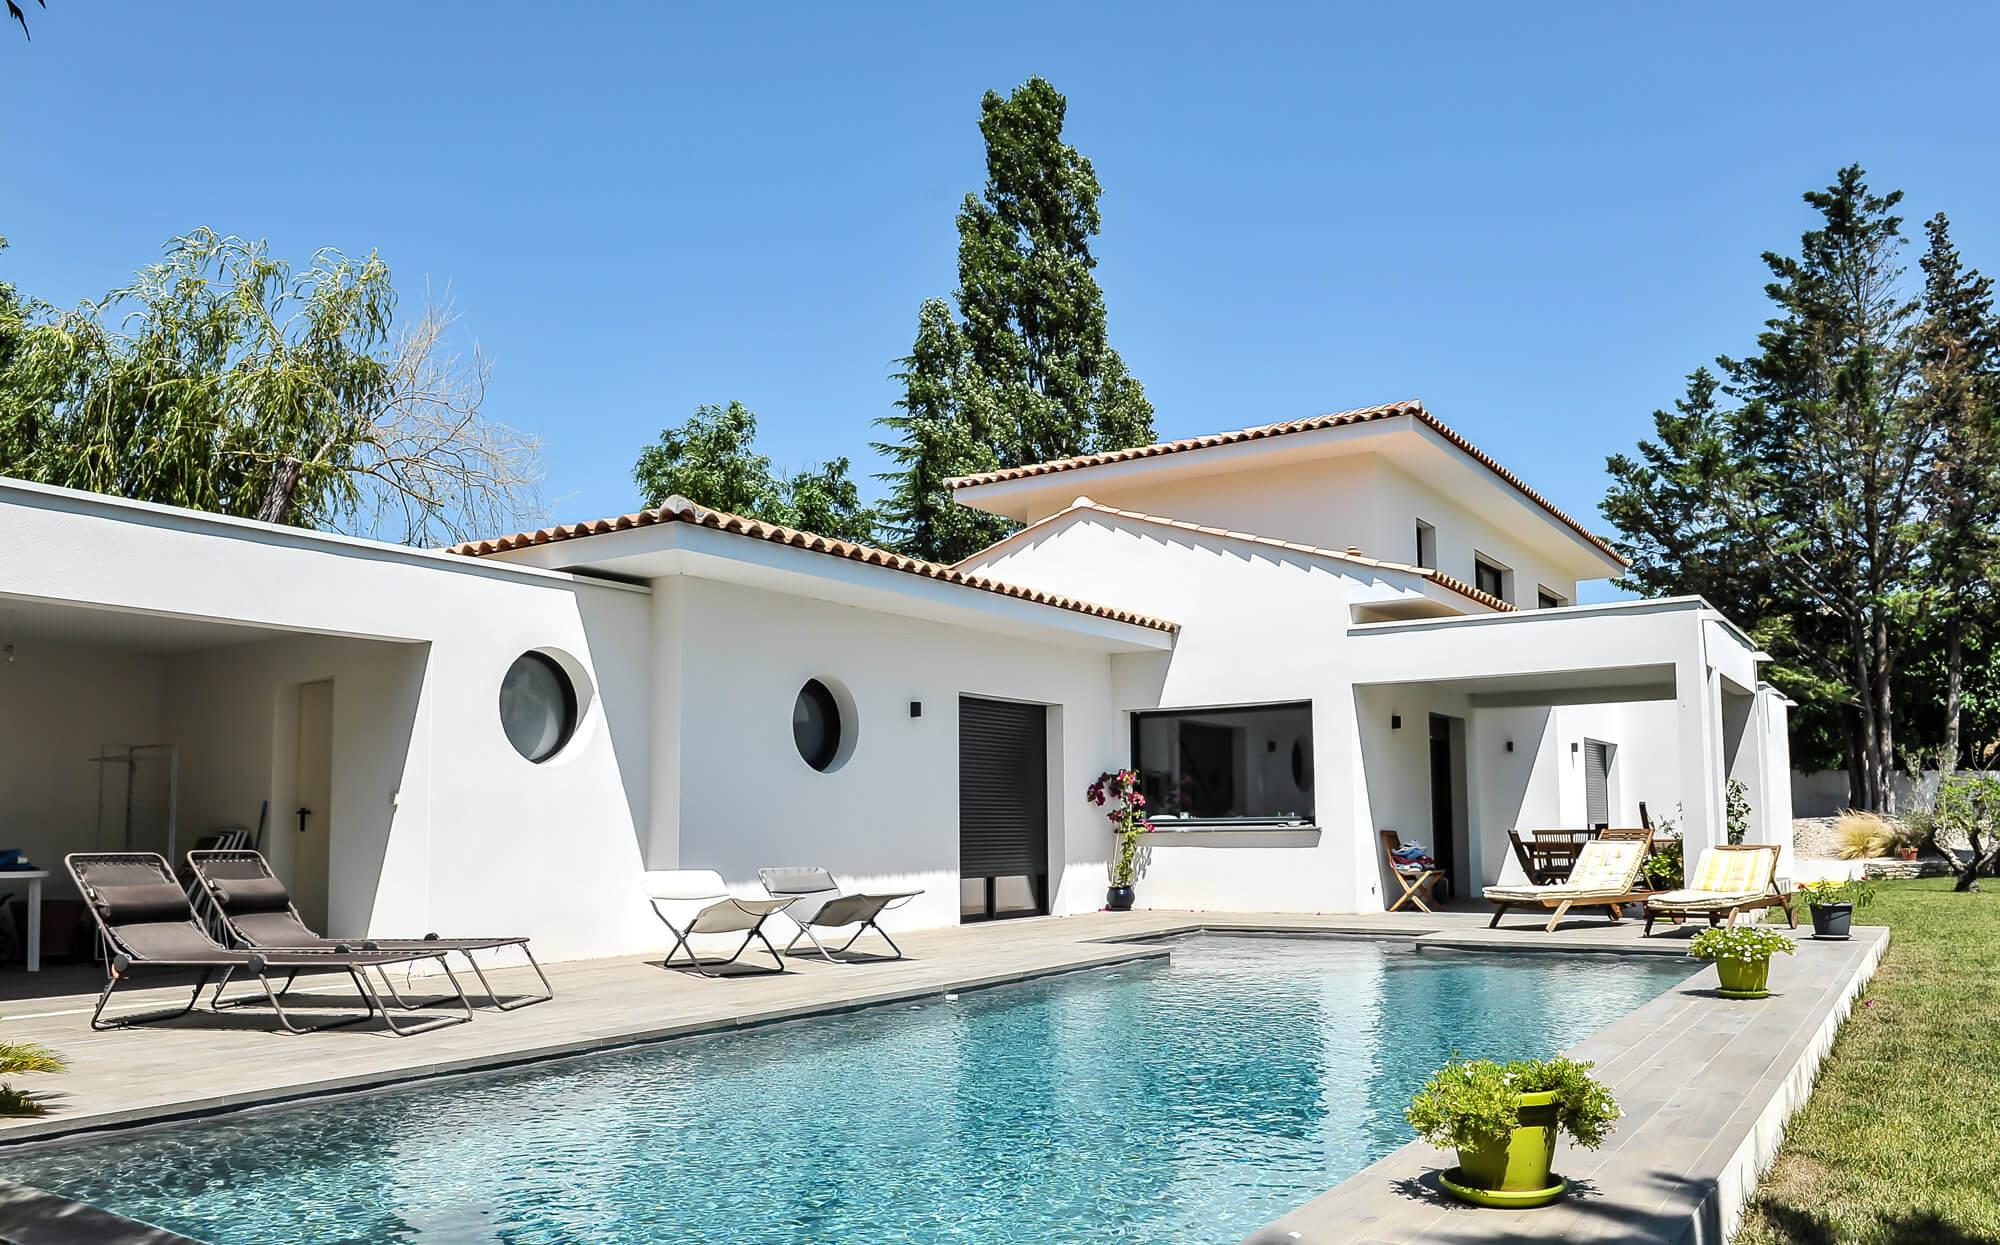 Construction de maison contemporaine h rault mas occitan for Image maison contemporaine